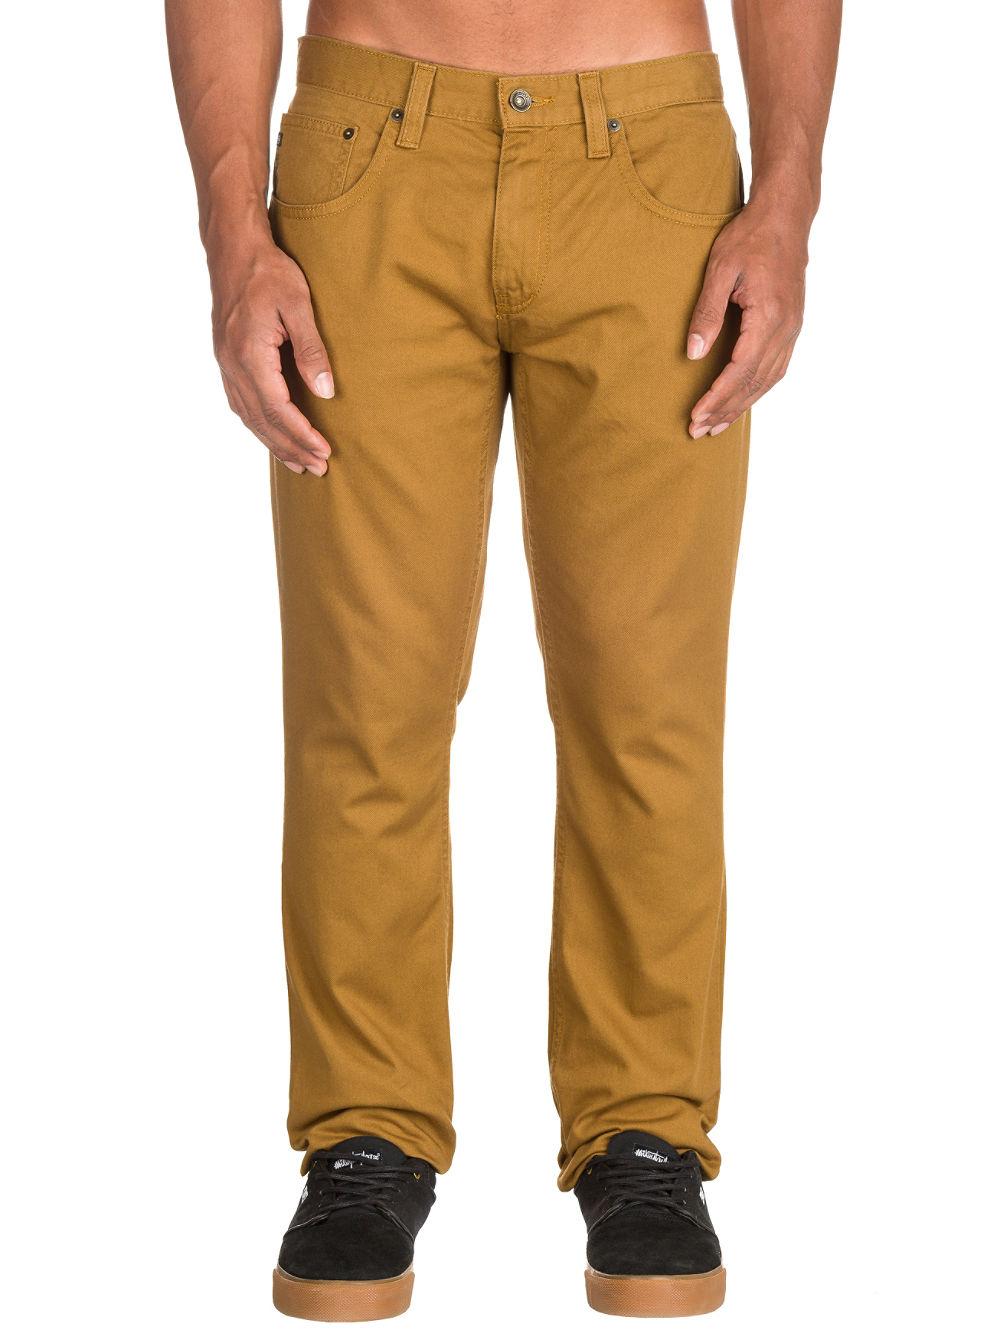 free-world-night-train-pants